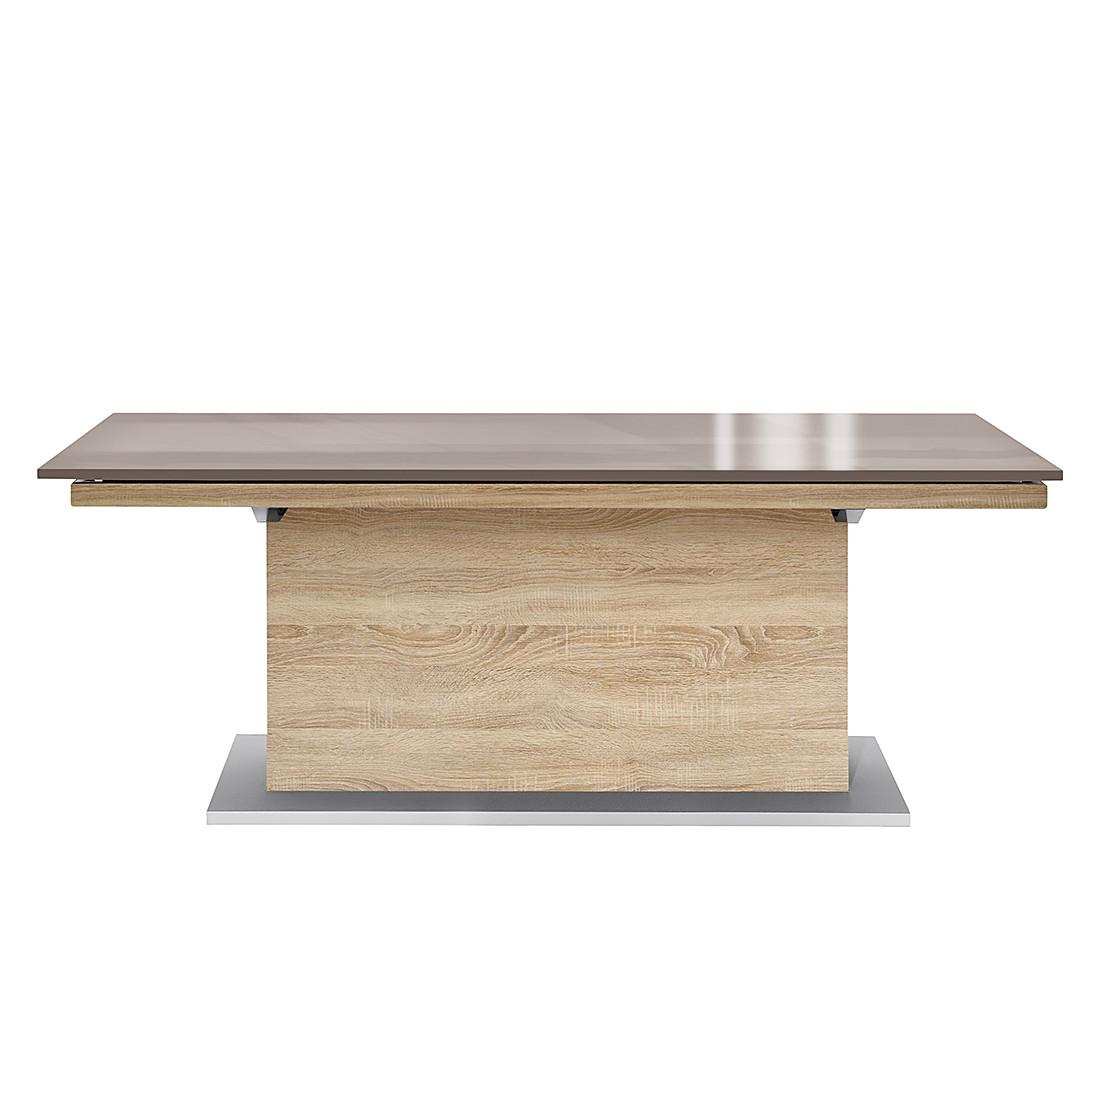 esstisch deck mit metallfu eiche dekor 190 x 75 cm arte m g nstig kaufen. Black Bedroom Furniture Sets. Home Design Ideas